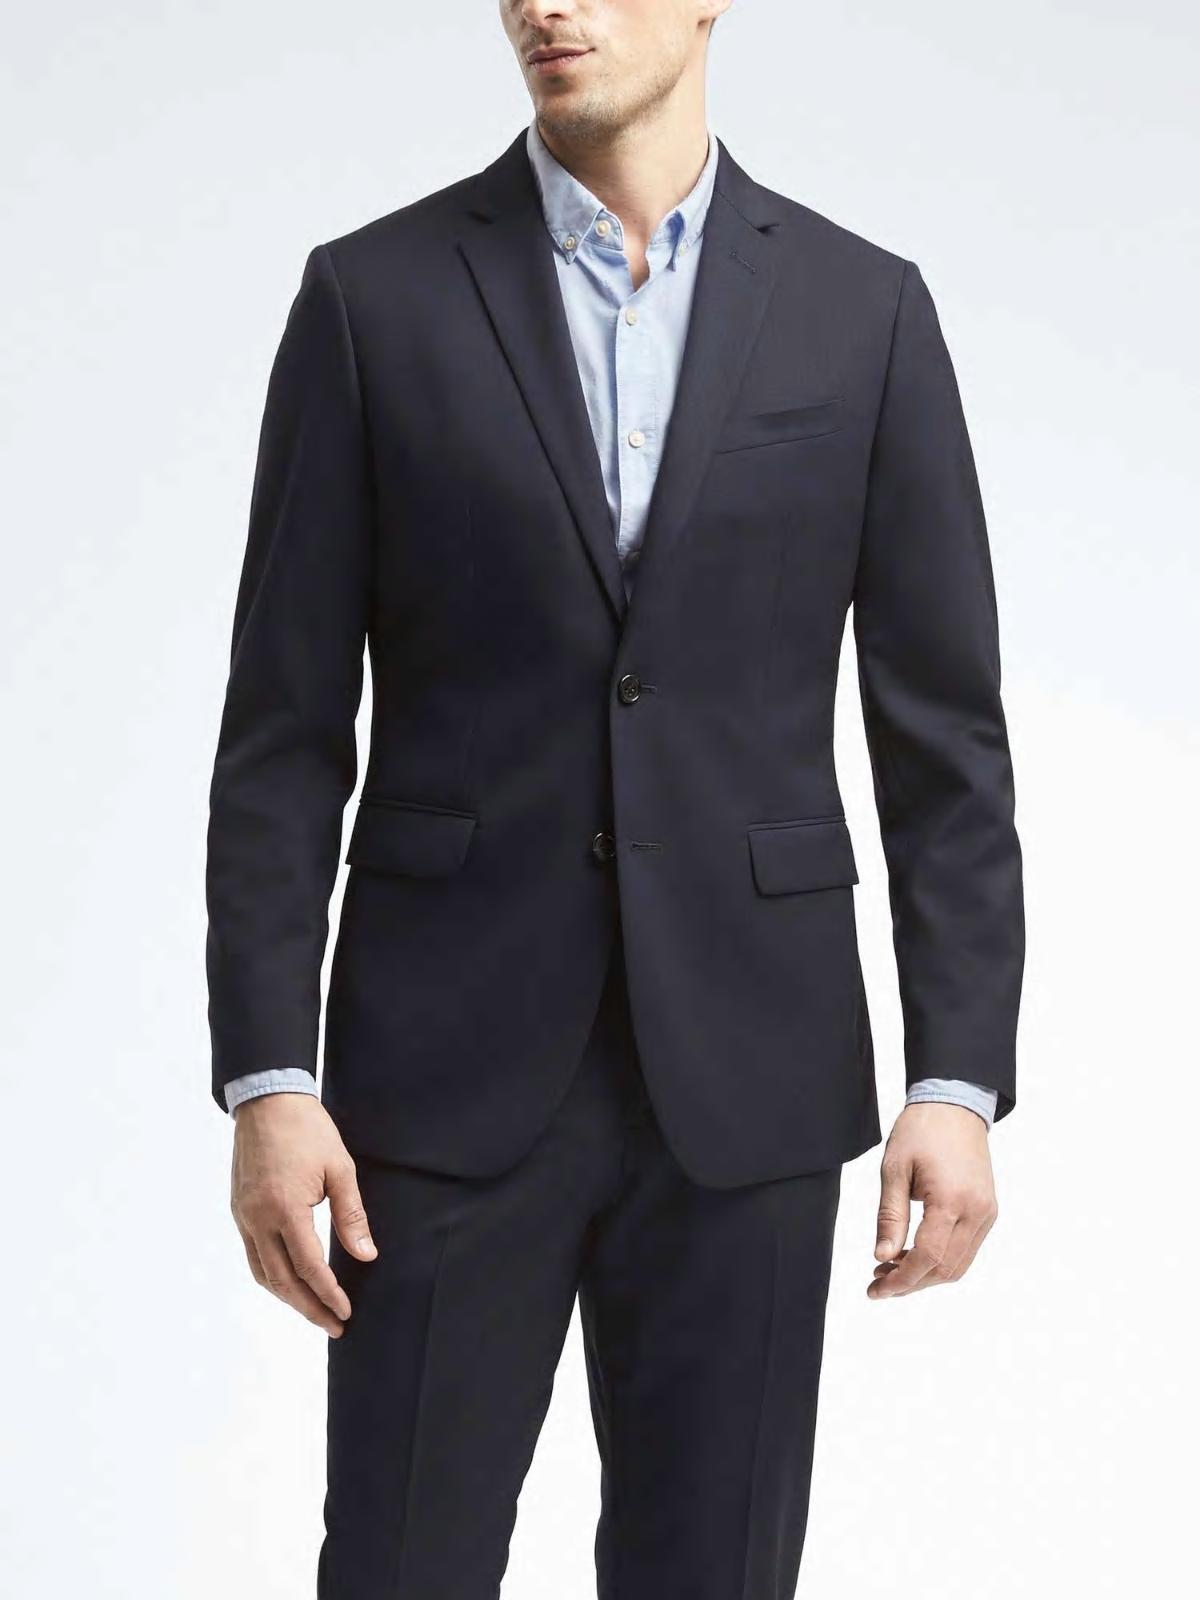 Banana Republic 257819 257819 257819 Fin Italien Wool Suit Veste Blazer 38 40 42 48 6e91b0